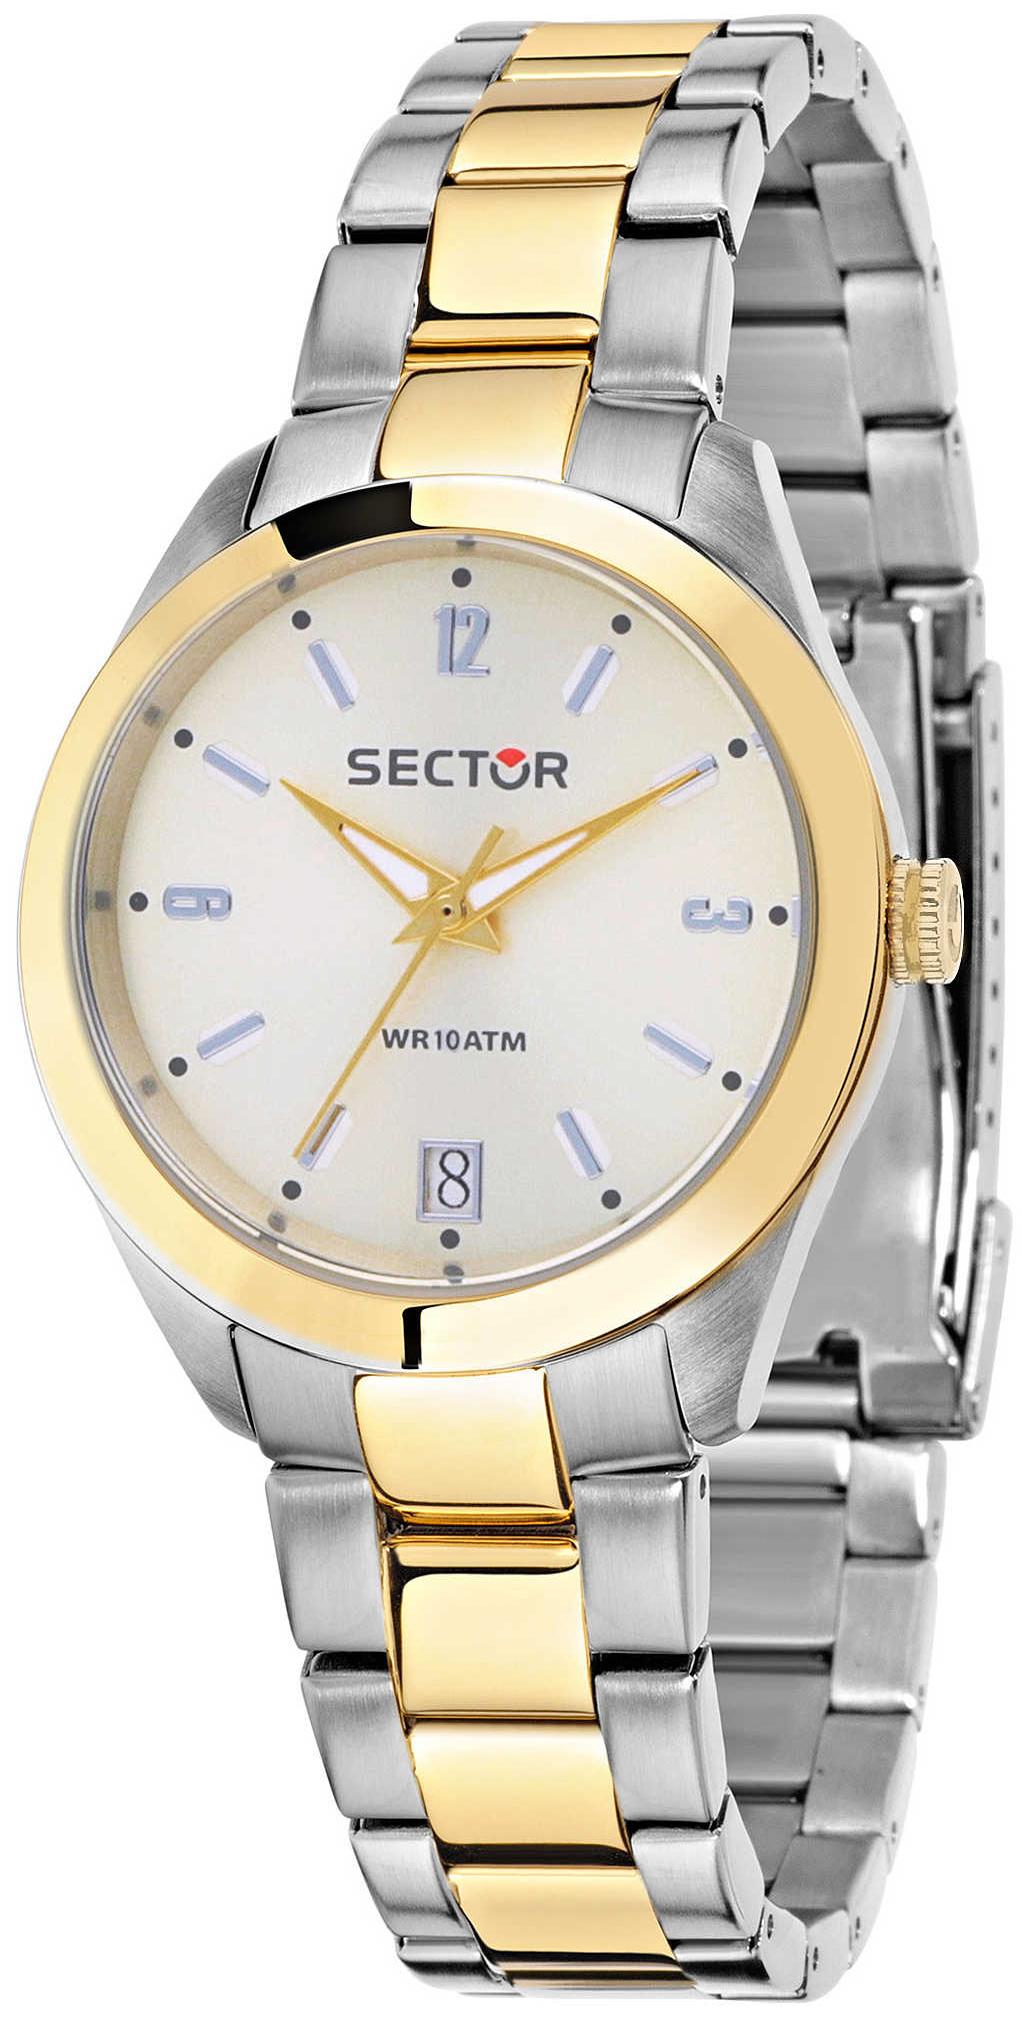 Sector 99999 Naisten kello R3253486501 Valkoinen/Kullansävytetty